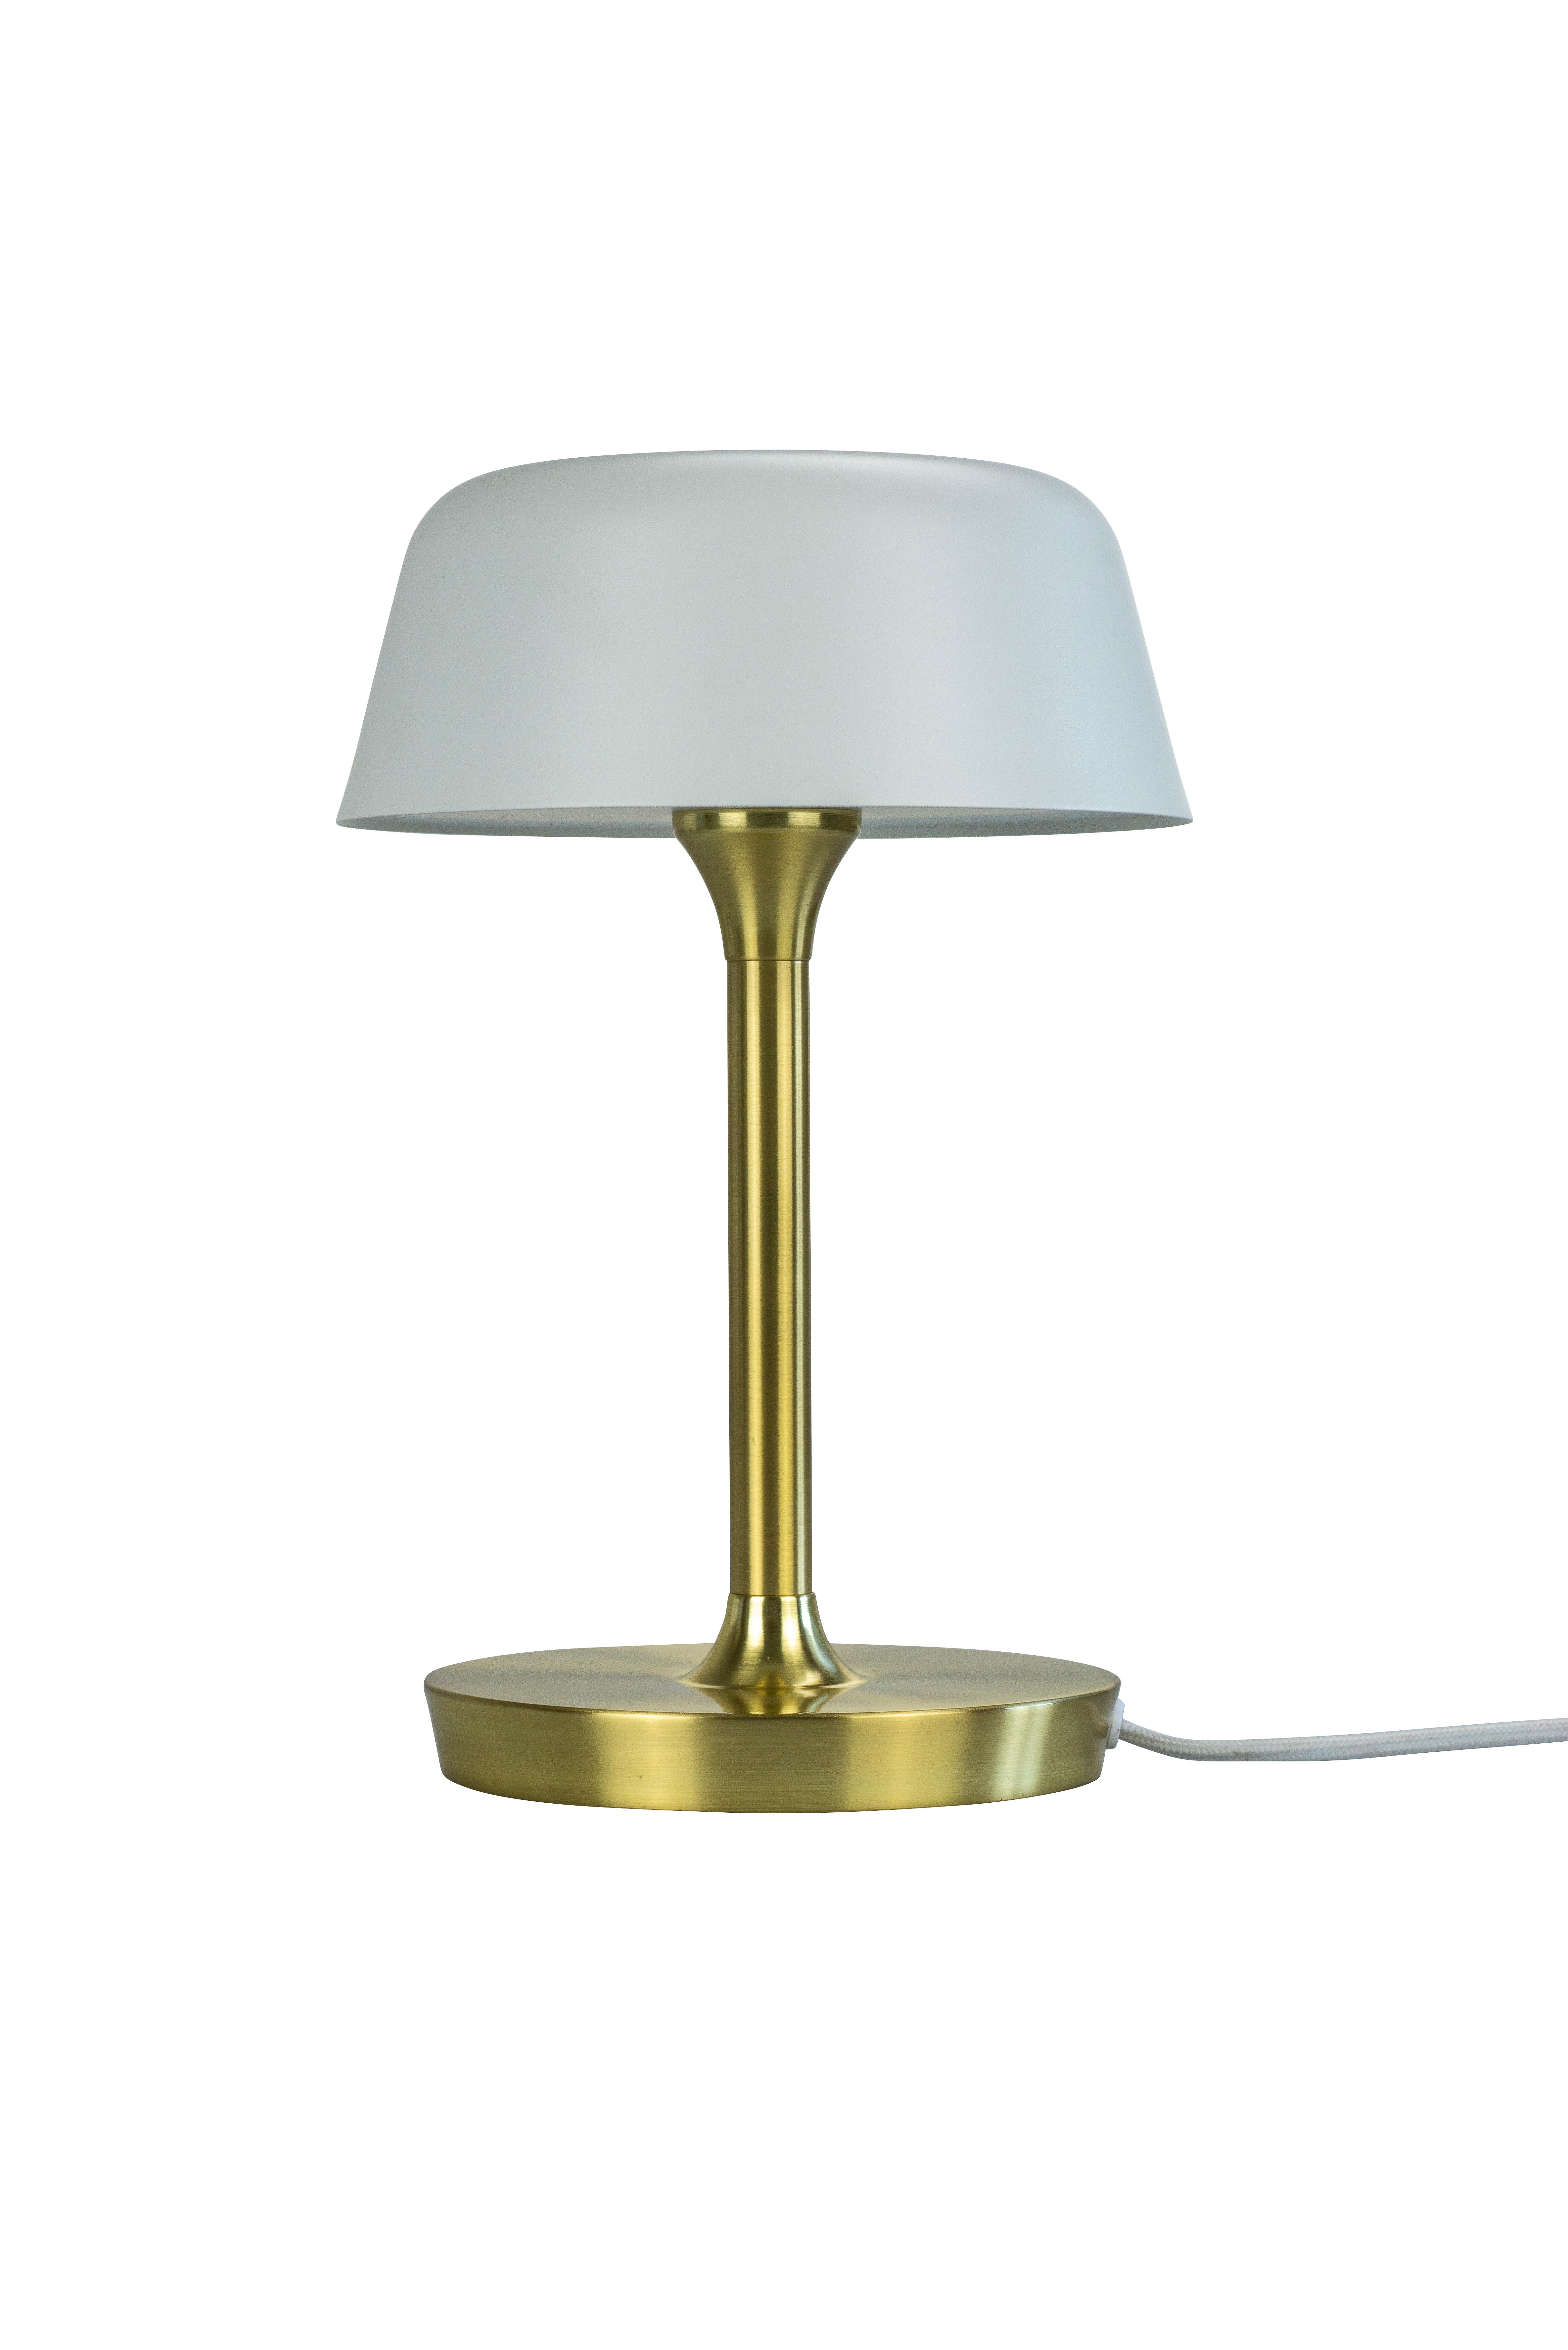 Dyberg-Larsen - Valencia 230v Table Lamp - Matt White With Brass (7123)